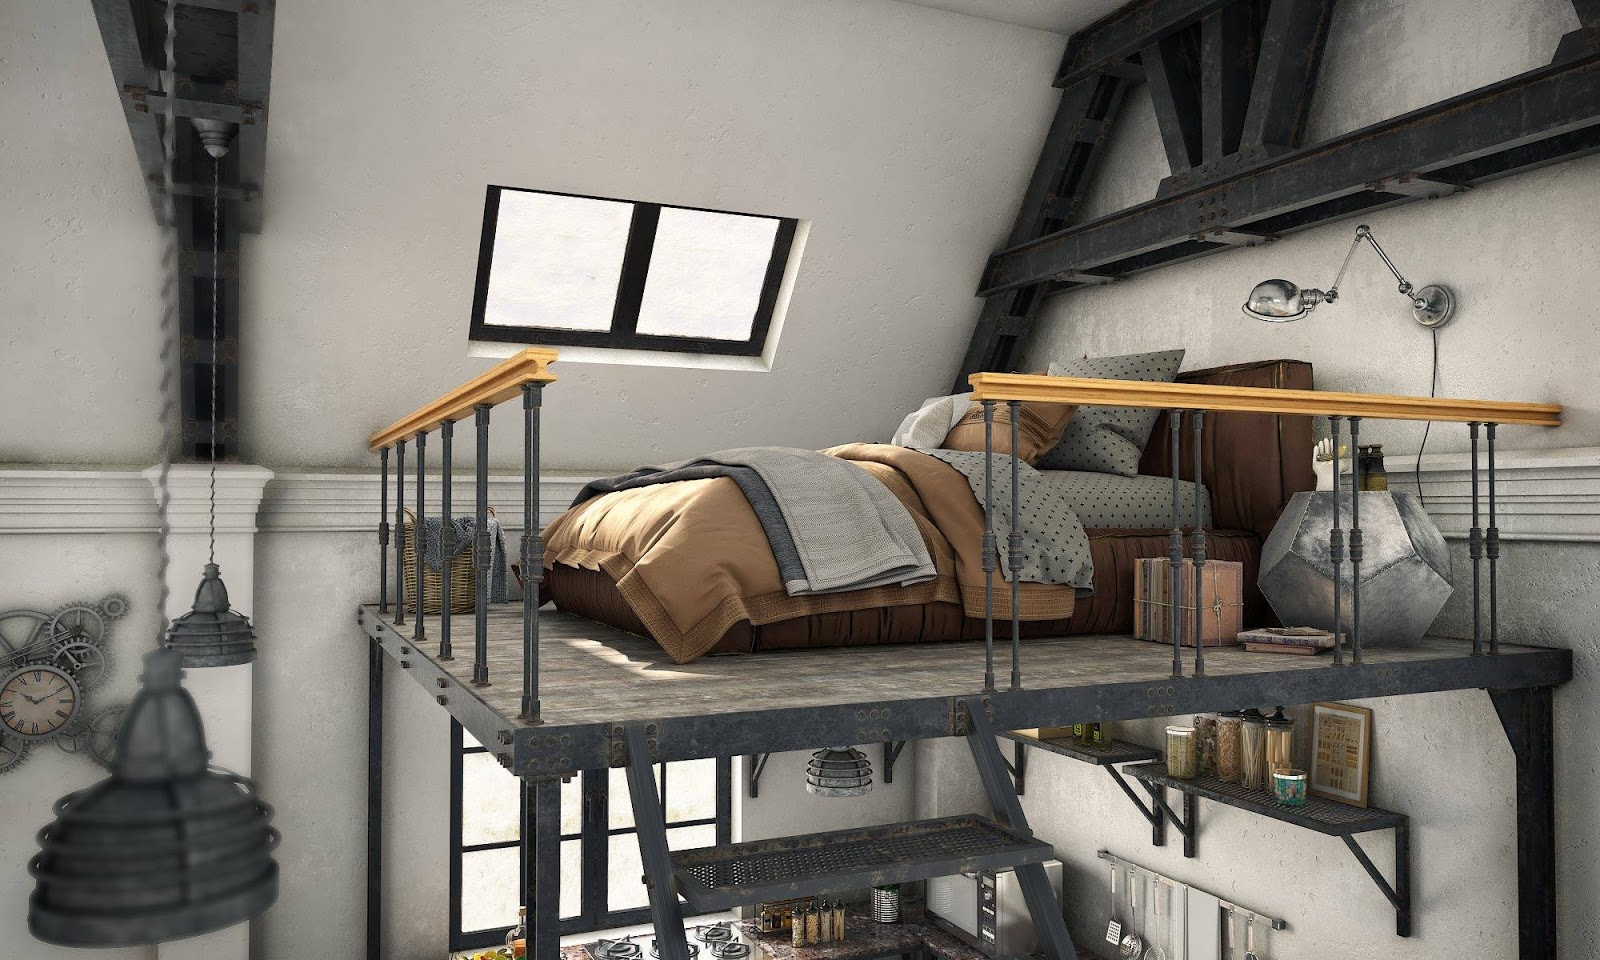 Free 3d loft interior scene by di p thu free stuffs for for Vray interior scene